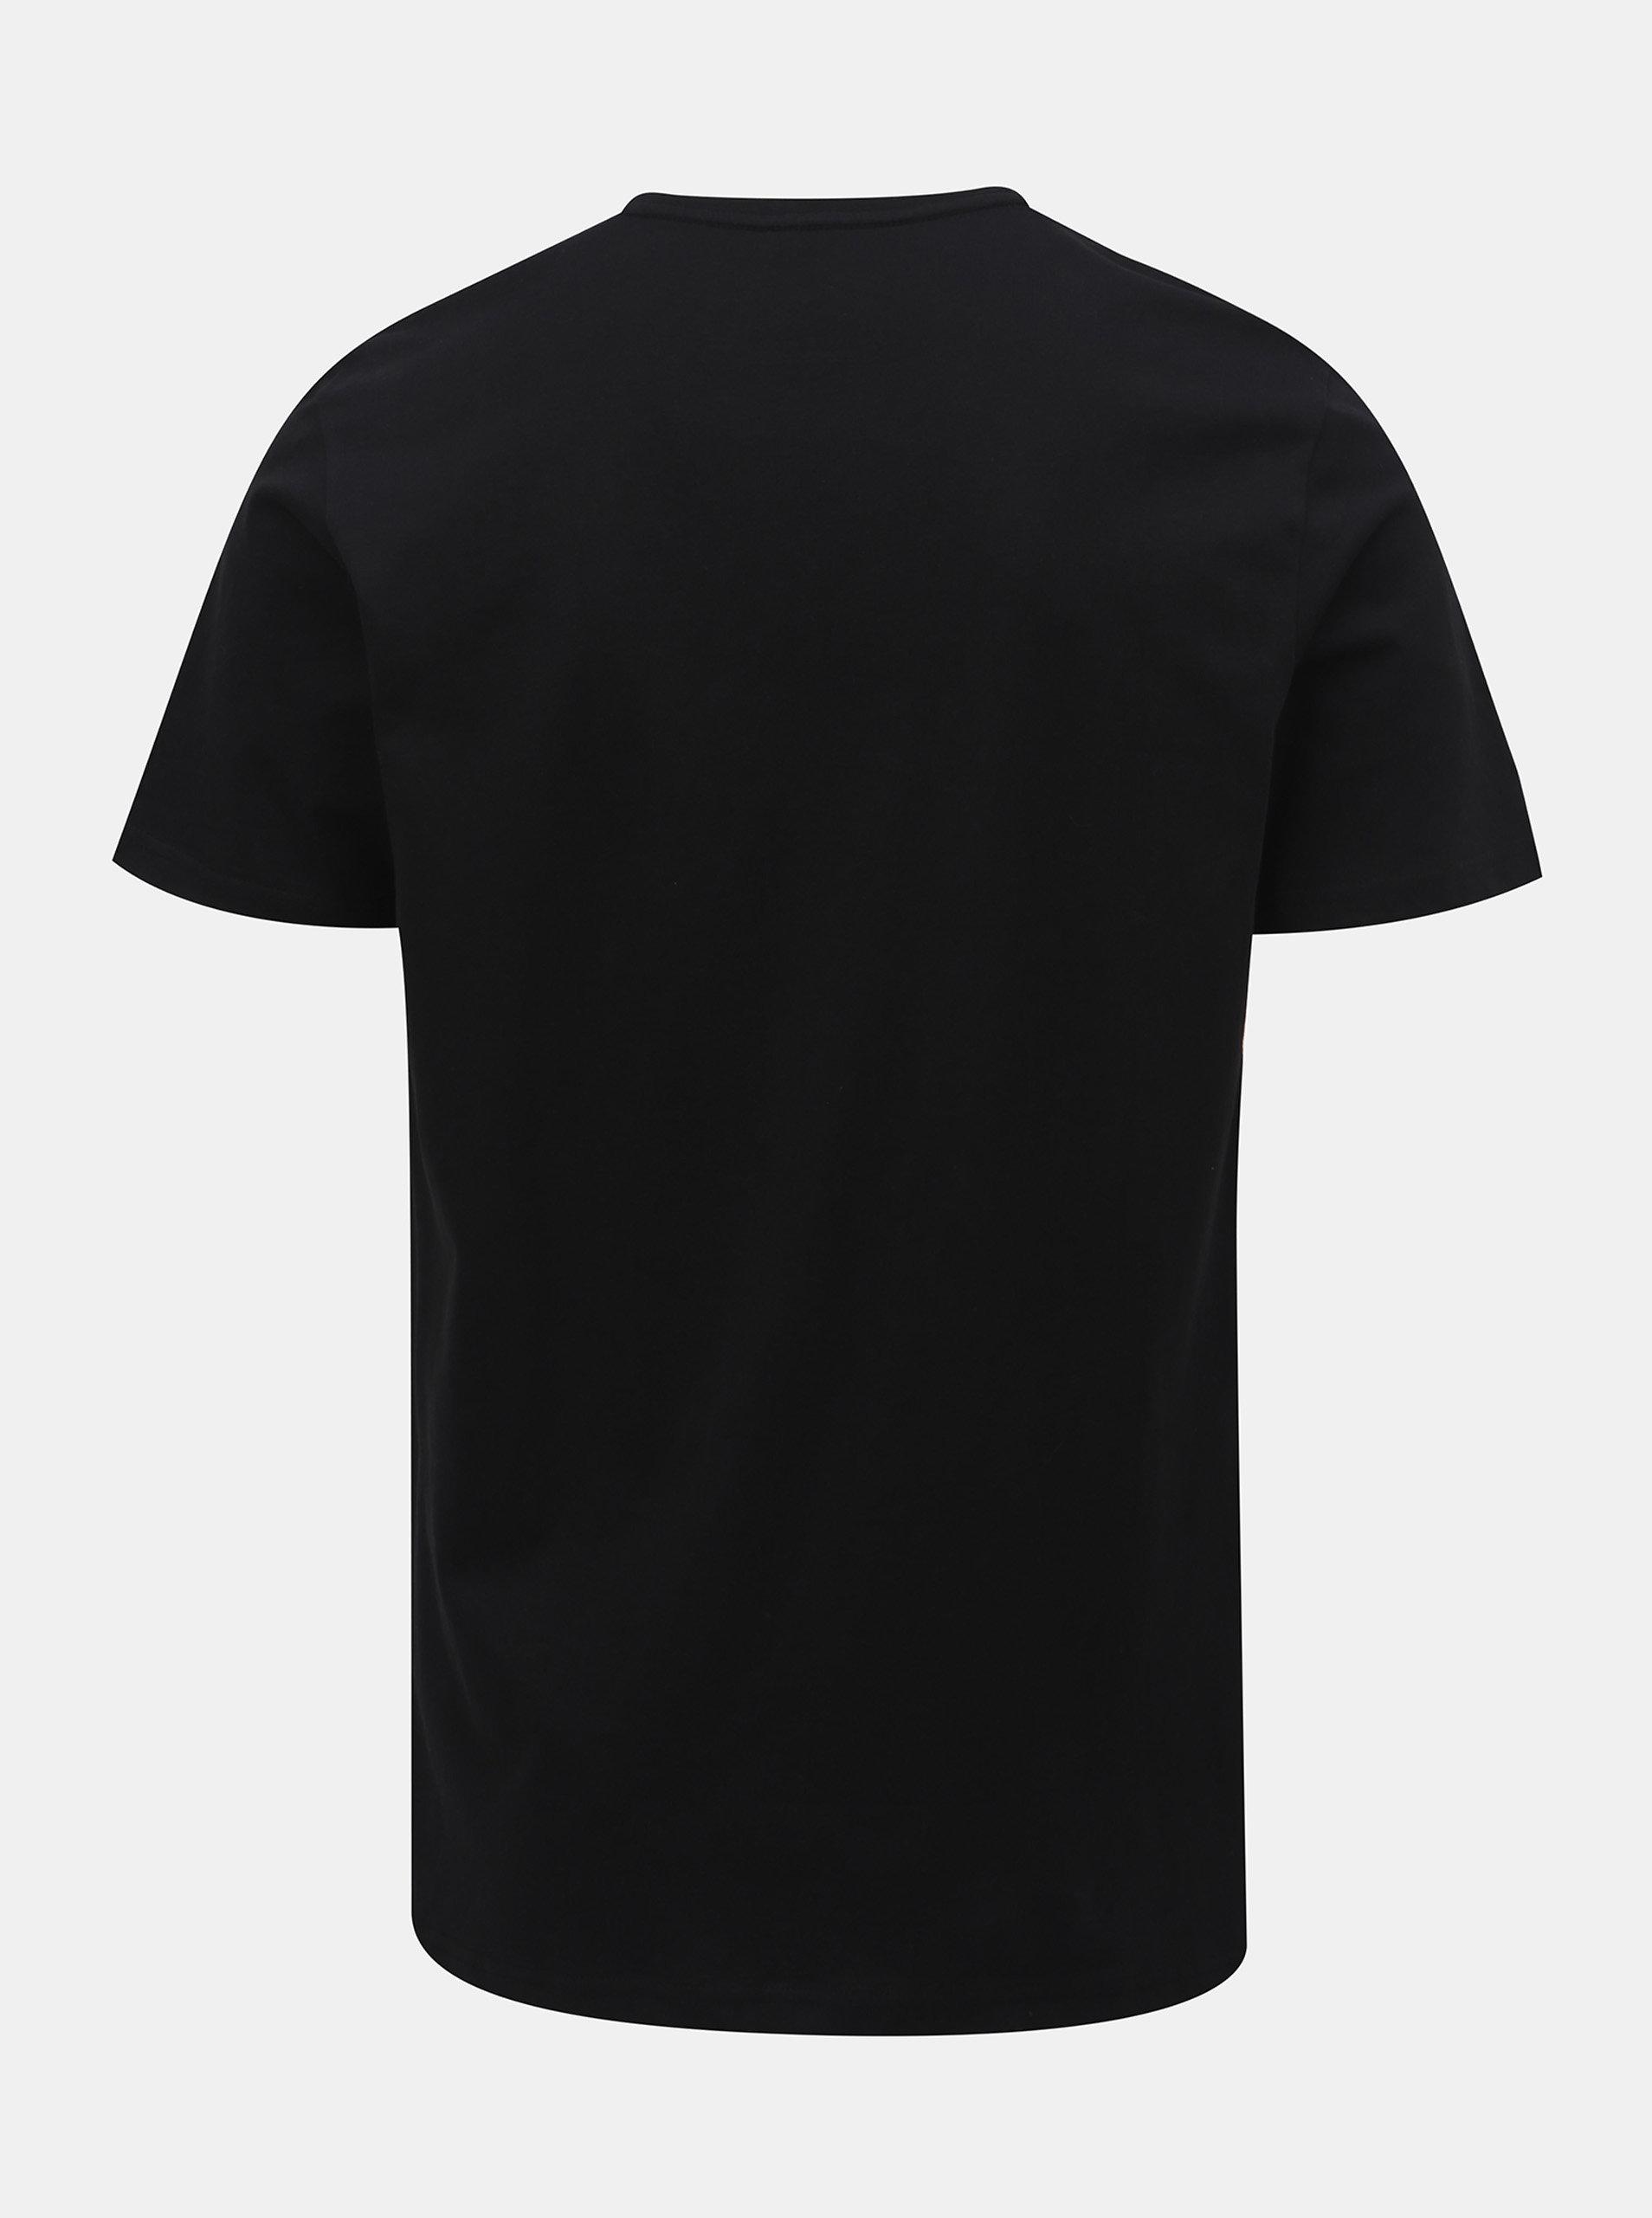 0655b21a2 Čierne pánske tričko s krátkym rukávom a potlačou LOAP Buson | ZOOT.sk